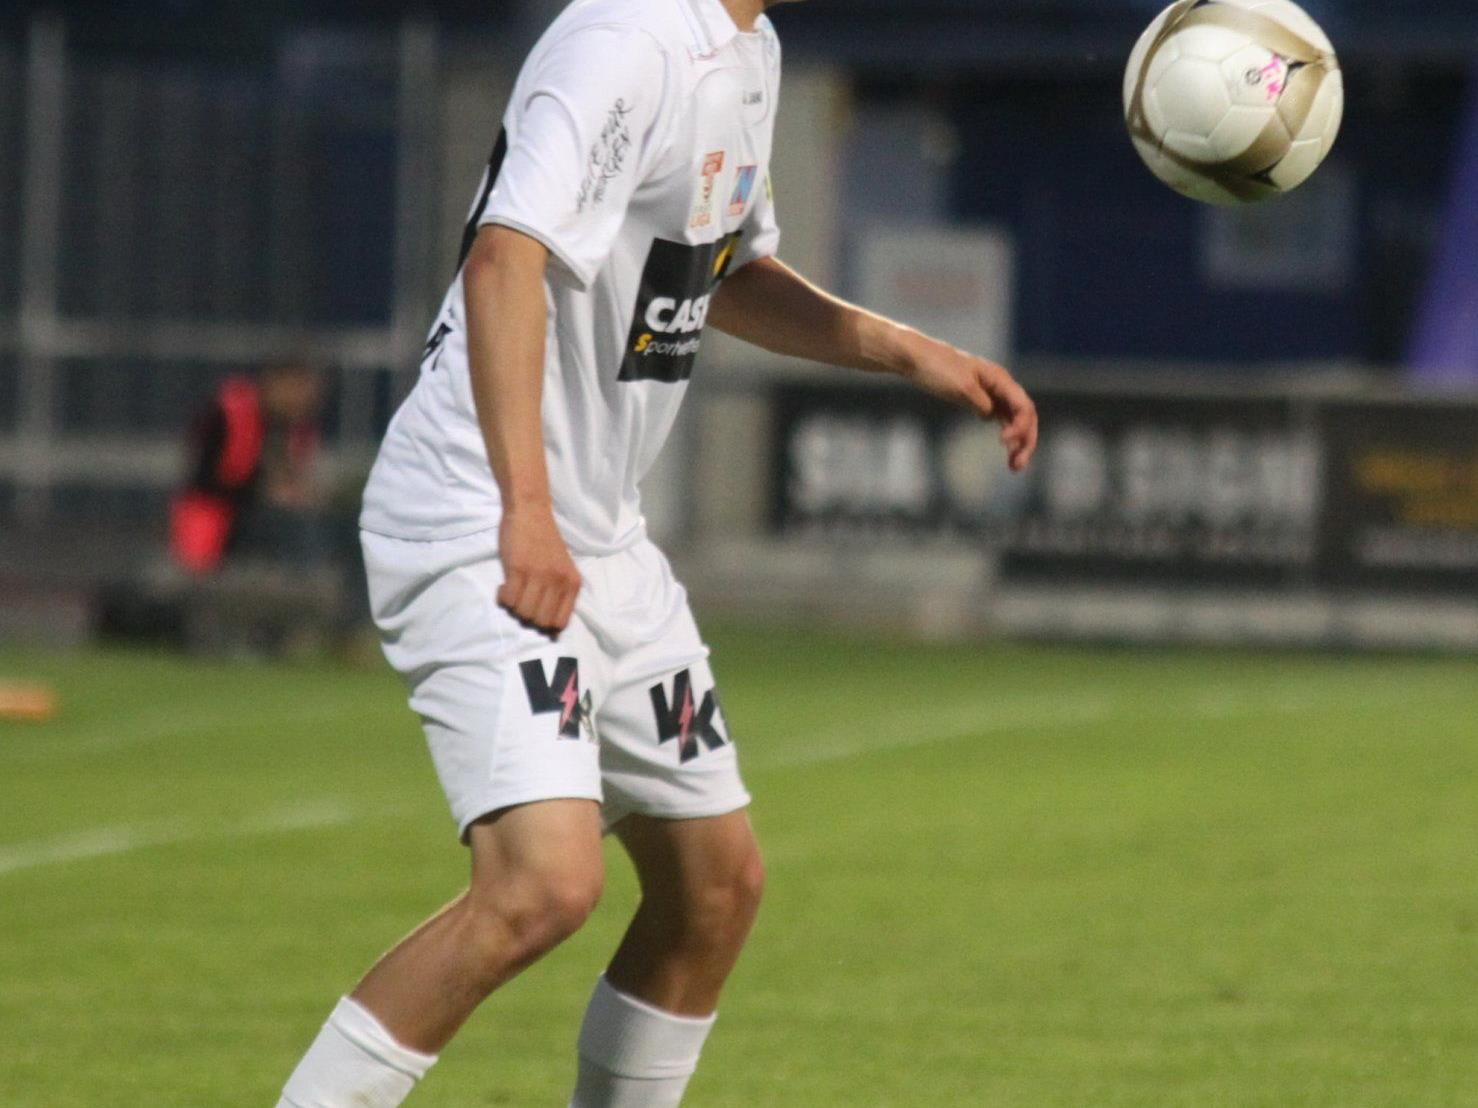 Julian Erhart schoss zwei Tore in Seekirchen.